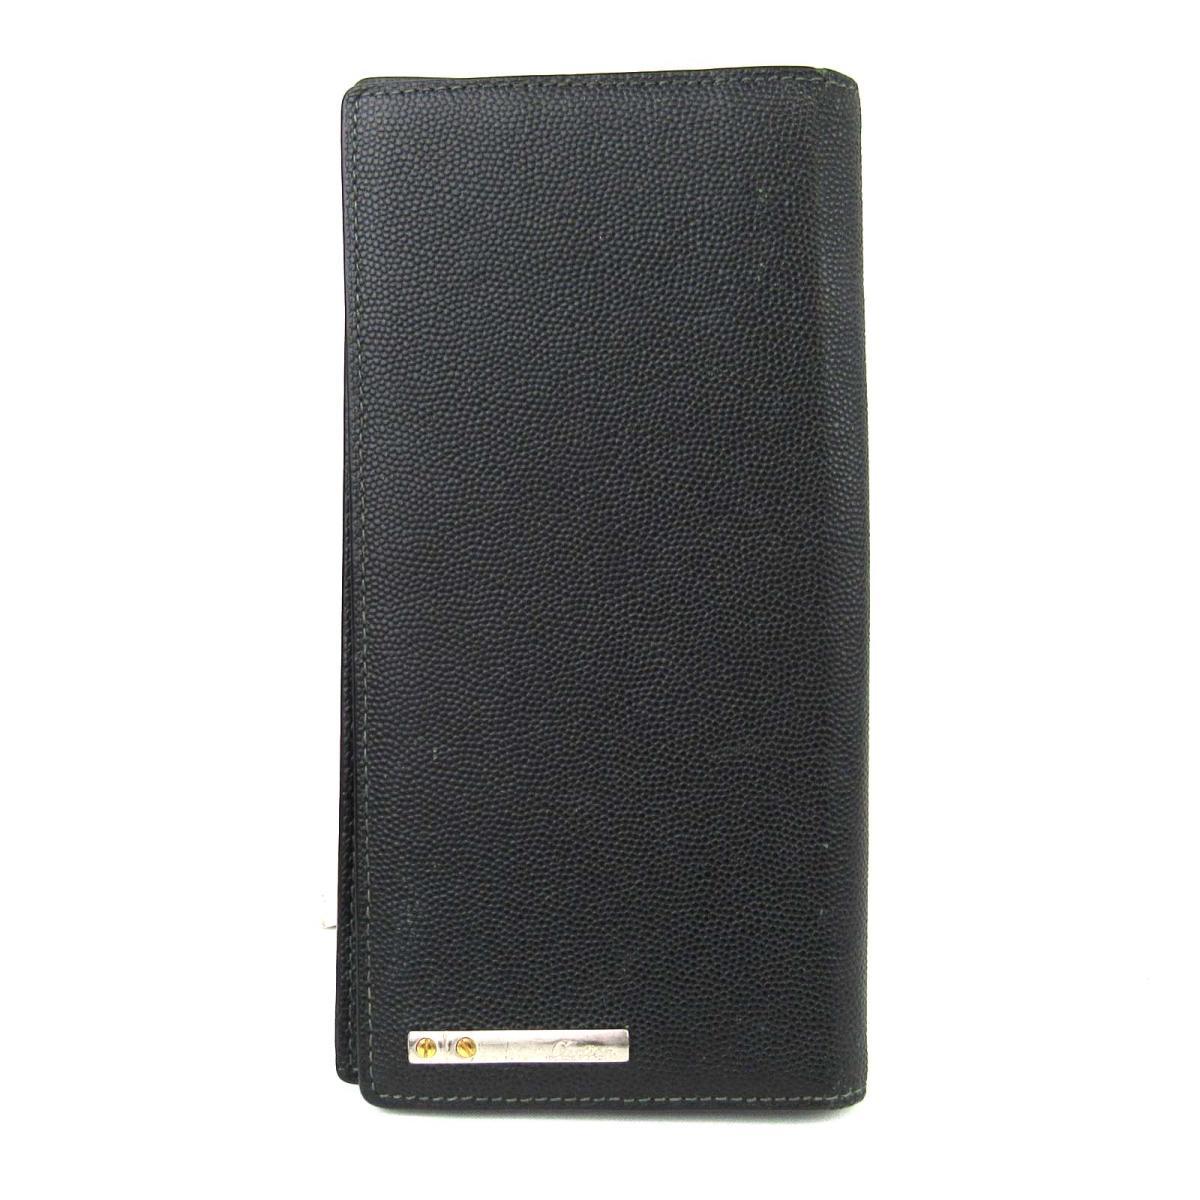 d9329d81a548 ... バック   カルティエ ZIP長財布 財布 メンズ レディース 型押しレザー ブラック     Cartier BRANDOFF ブランドオフ ブランド  ブランド財布 メンズ財布 サイフ